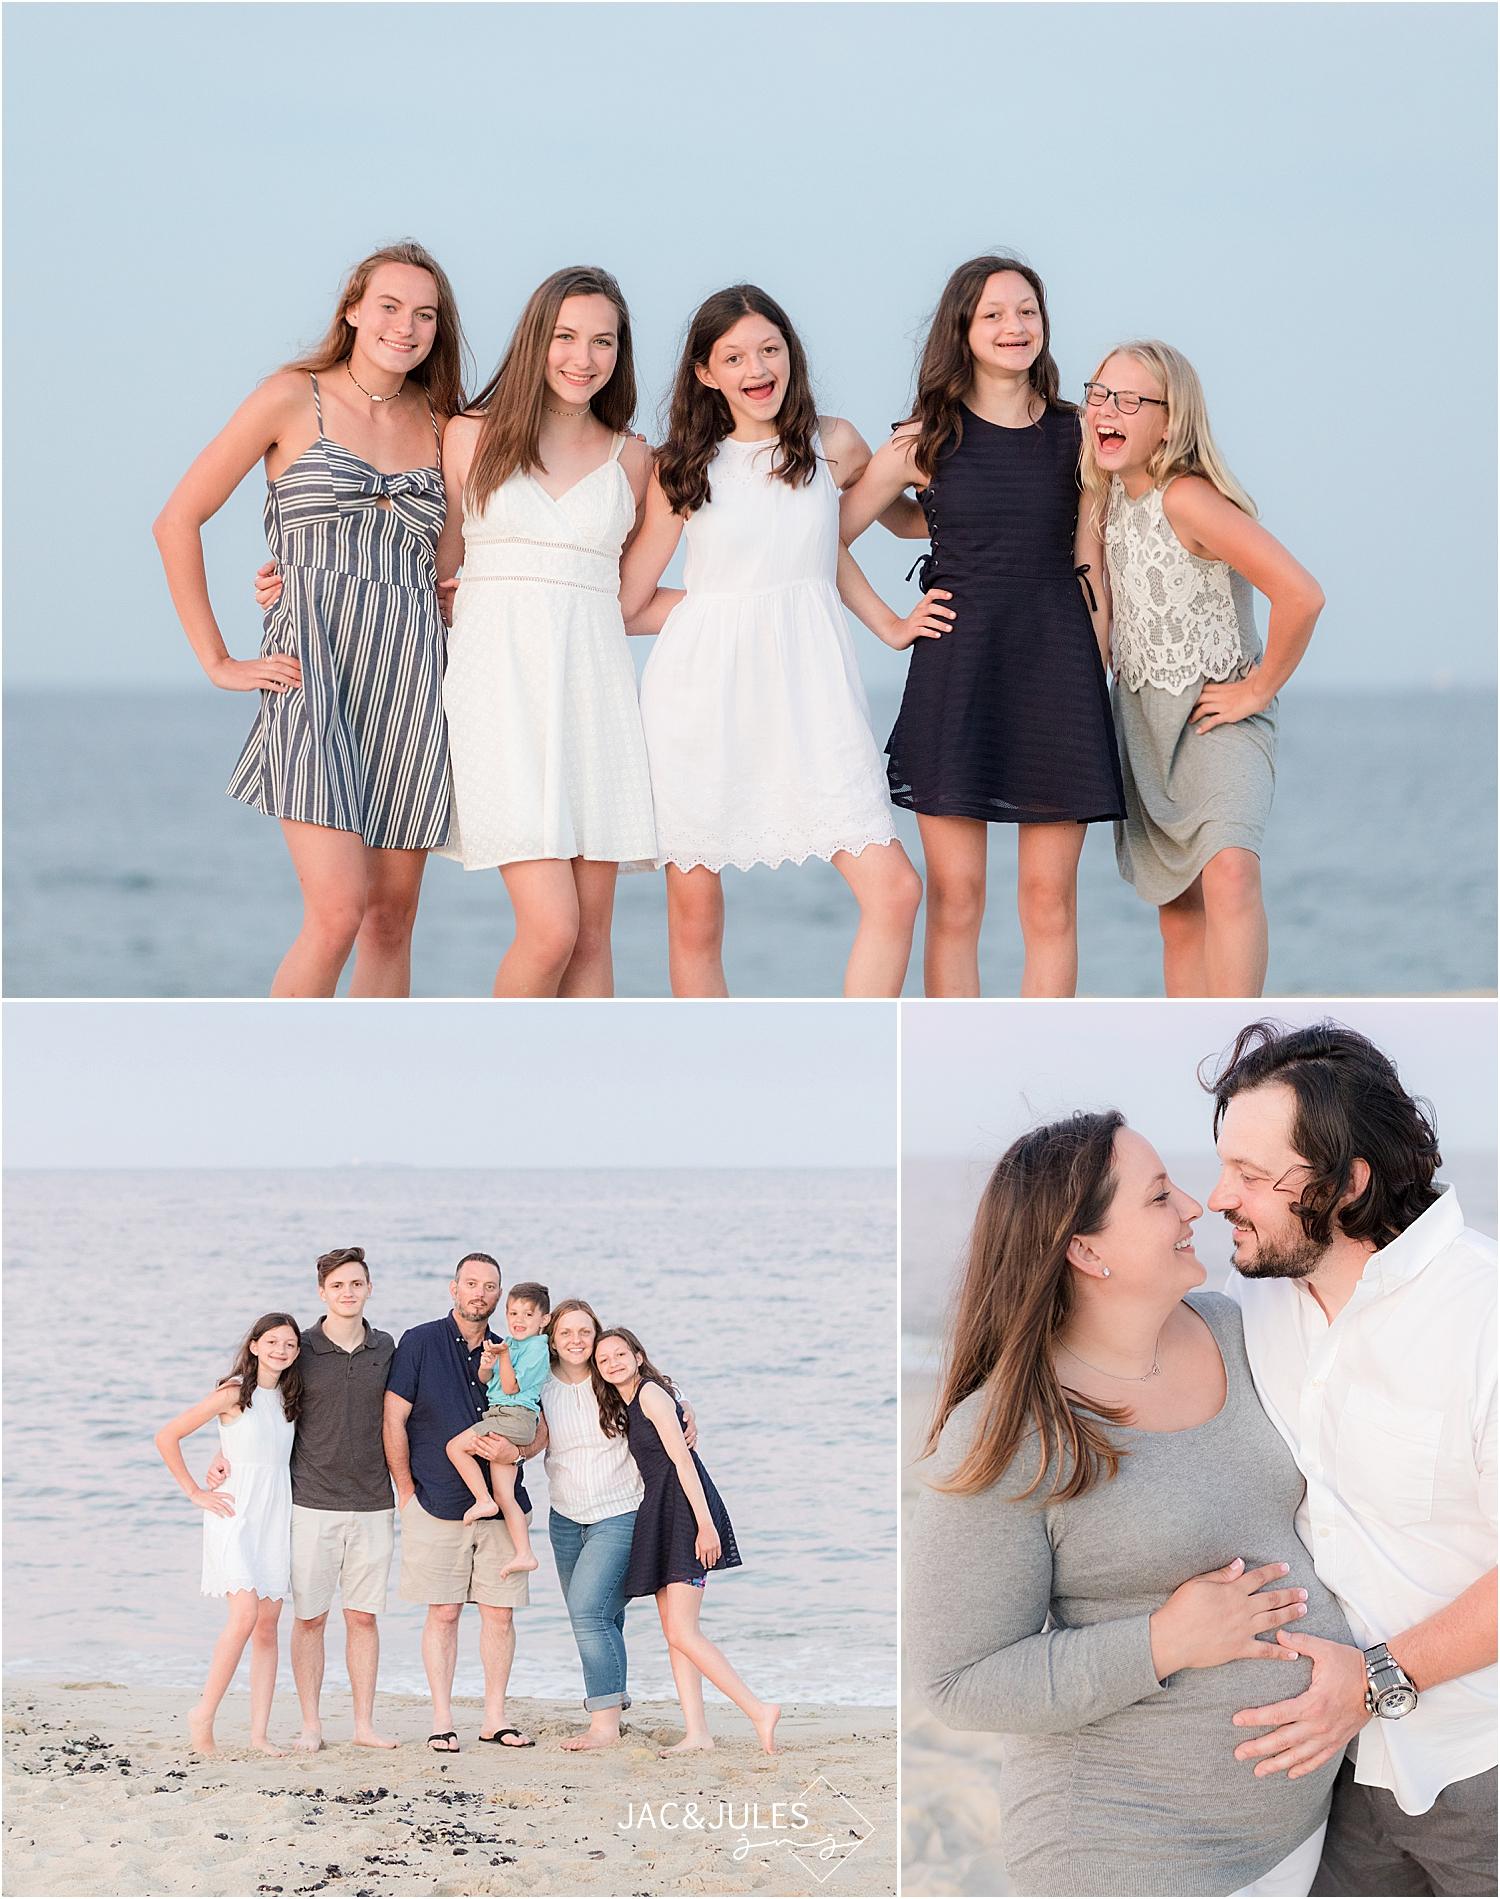 extended-family-photo-spring-lake-nj_137.jpg